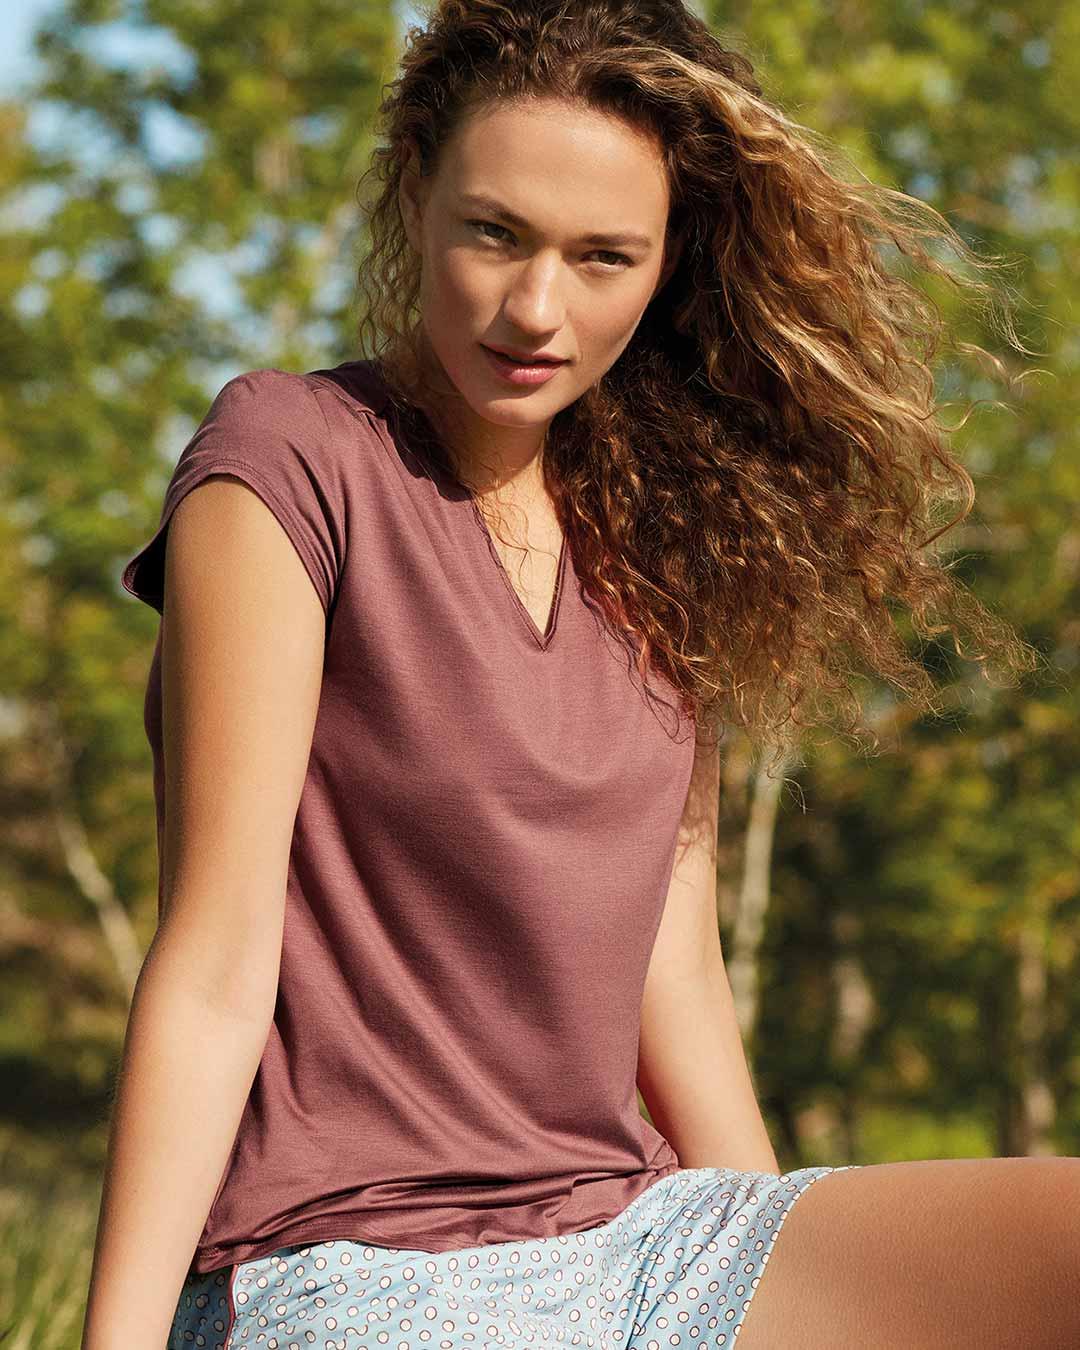 mey-serie-alena-top-dianes-lingerie-vancouver-1080x1350